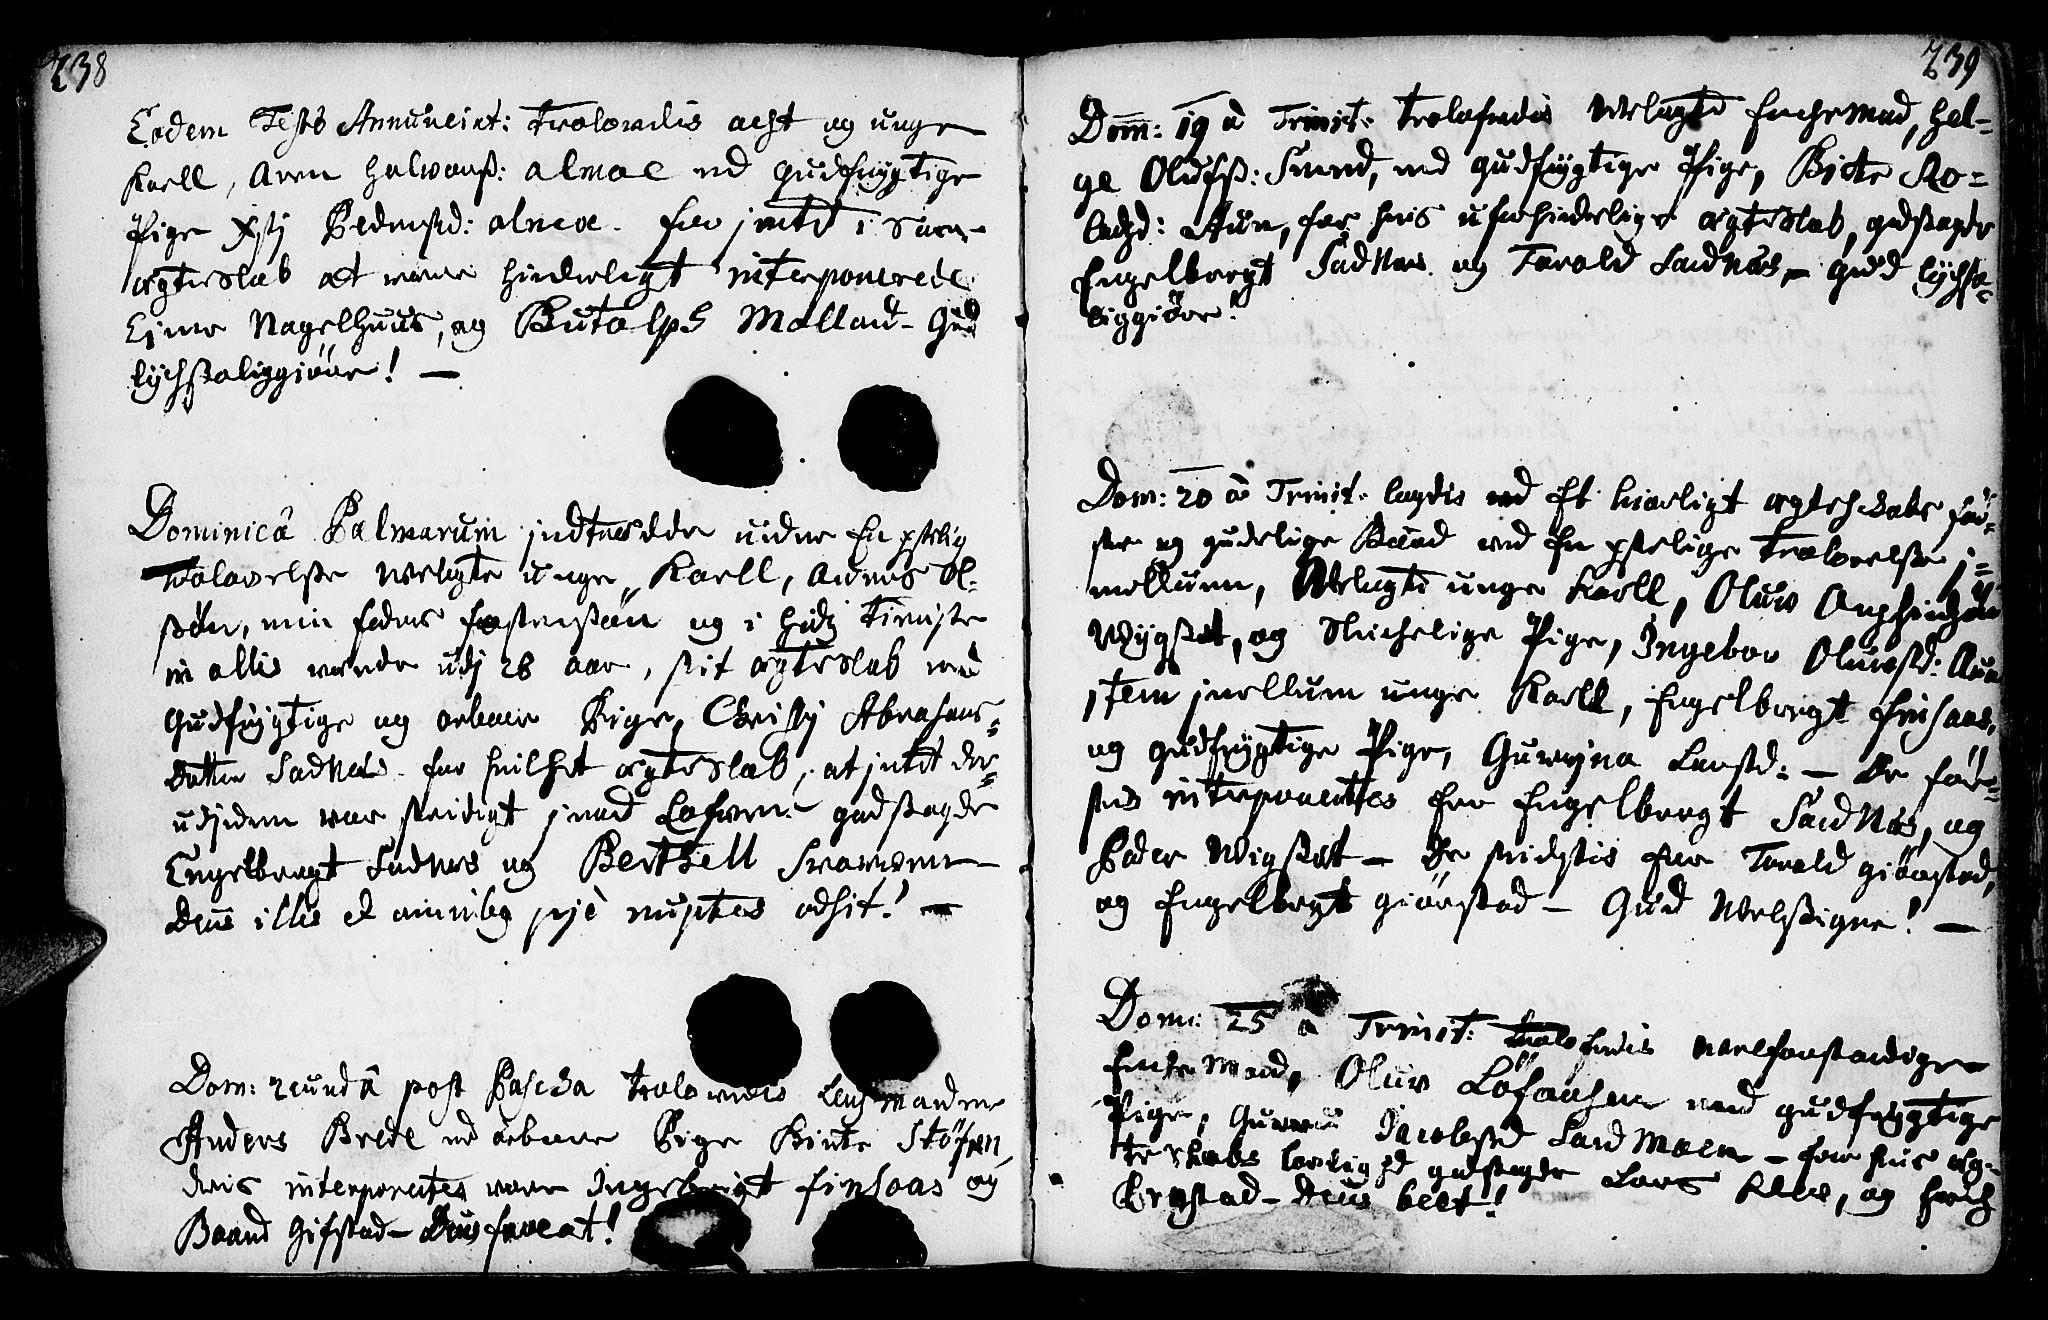 SAT, Ministerialprotokoller, klokkerbøker og fødselsregistre - Nord-Trøndelag, 749/L0467: Ministerialbok nr. 749A01, 1733-1787, s. 238-239